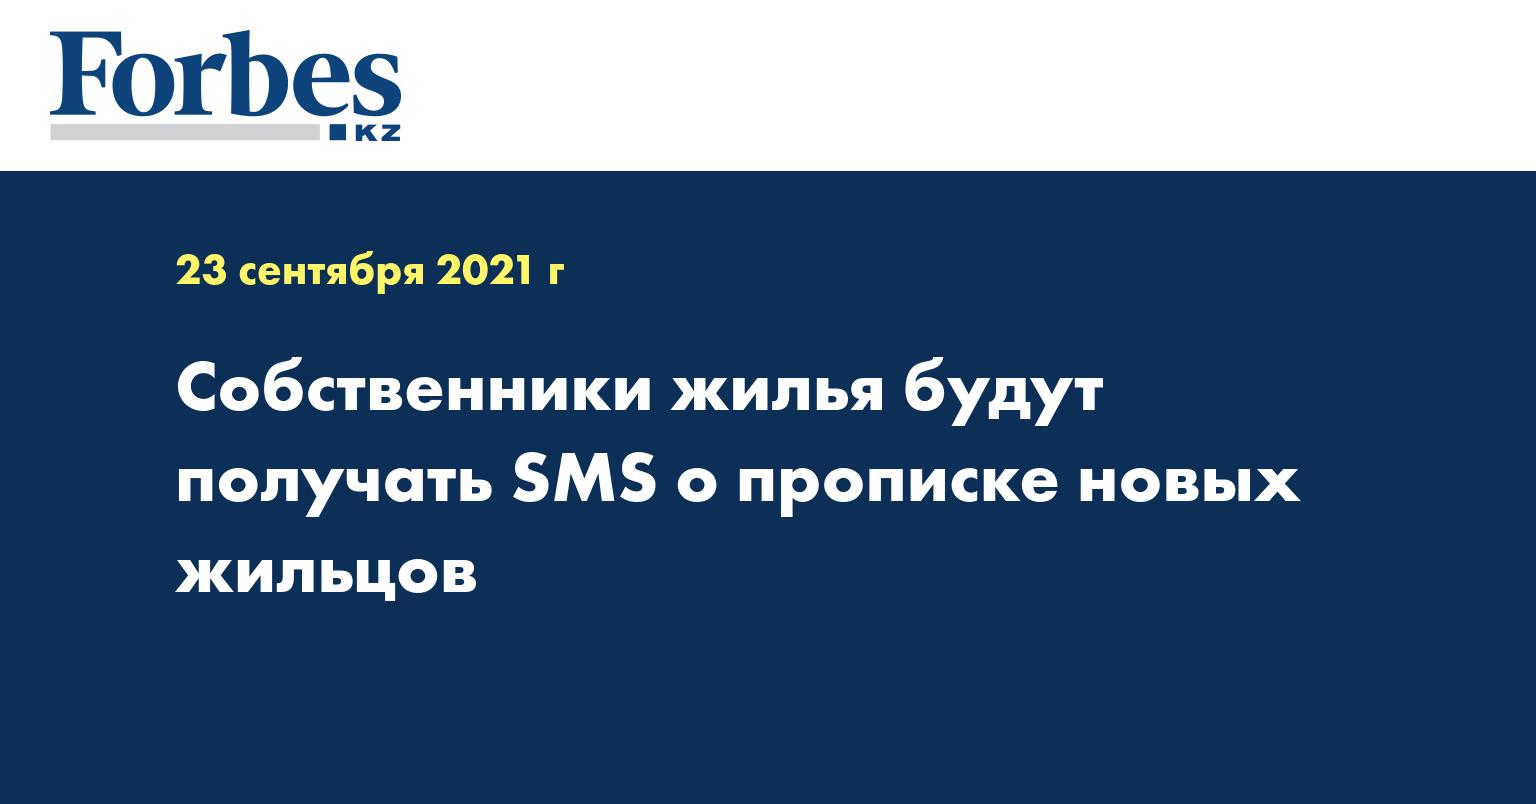 Собственники жилья будут получать SMS о прописке новых жильцов